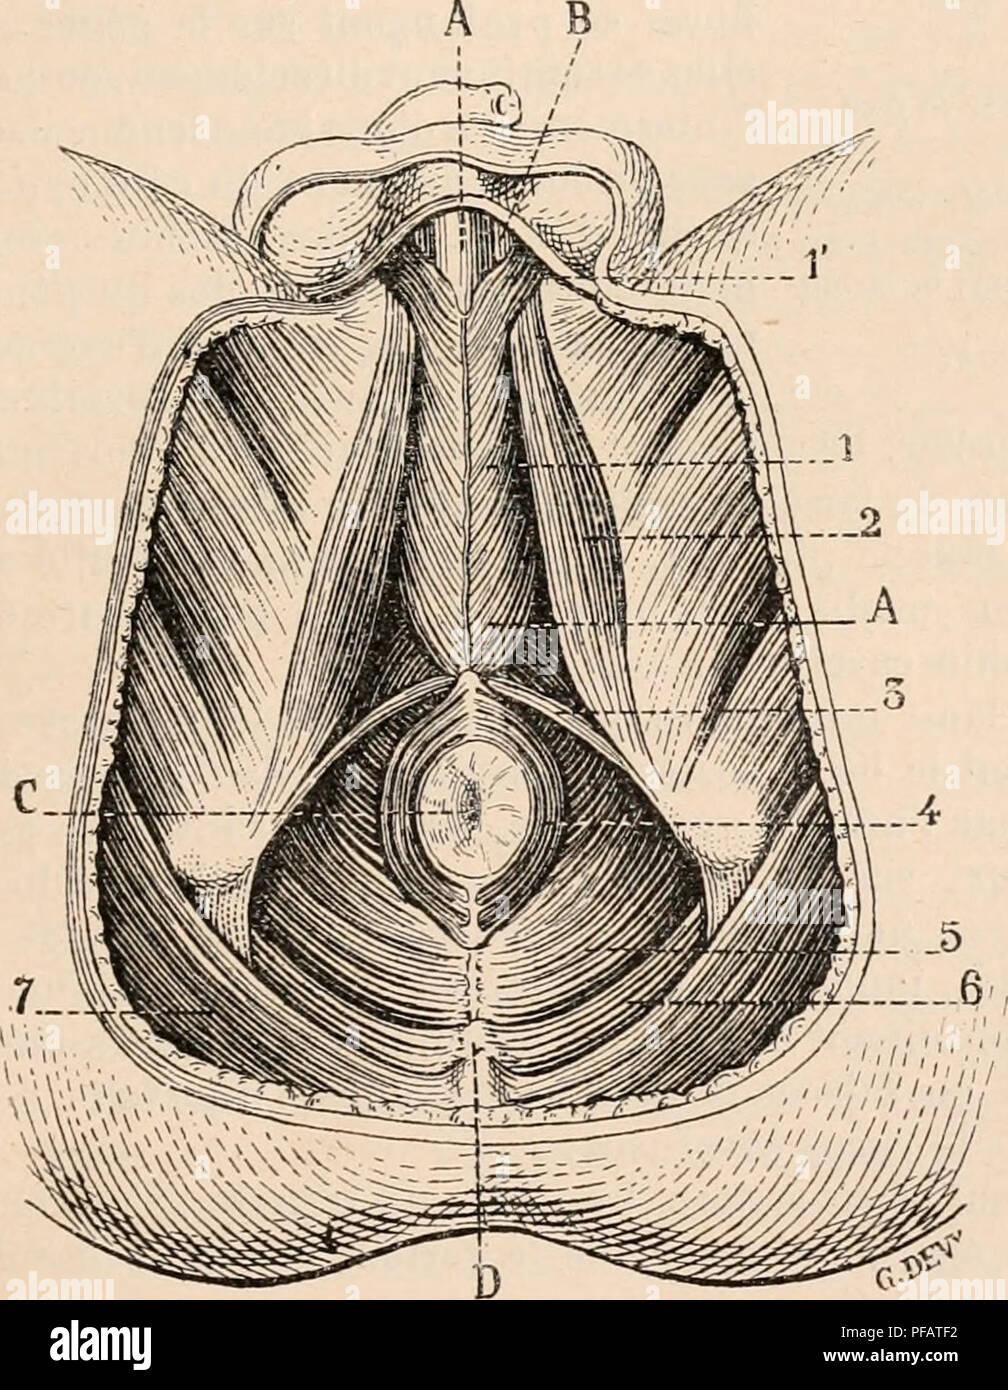 Wörterbuch De Physiologie Physiologie Ich 55 2 Abb 229 â